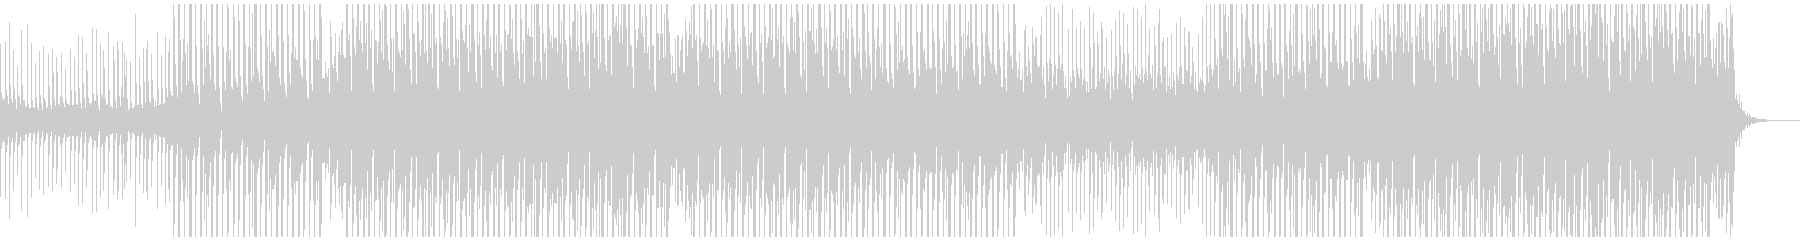 パーティーポップミュージックの未再生の波形